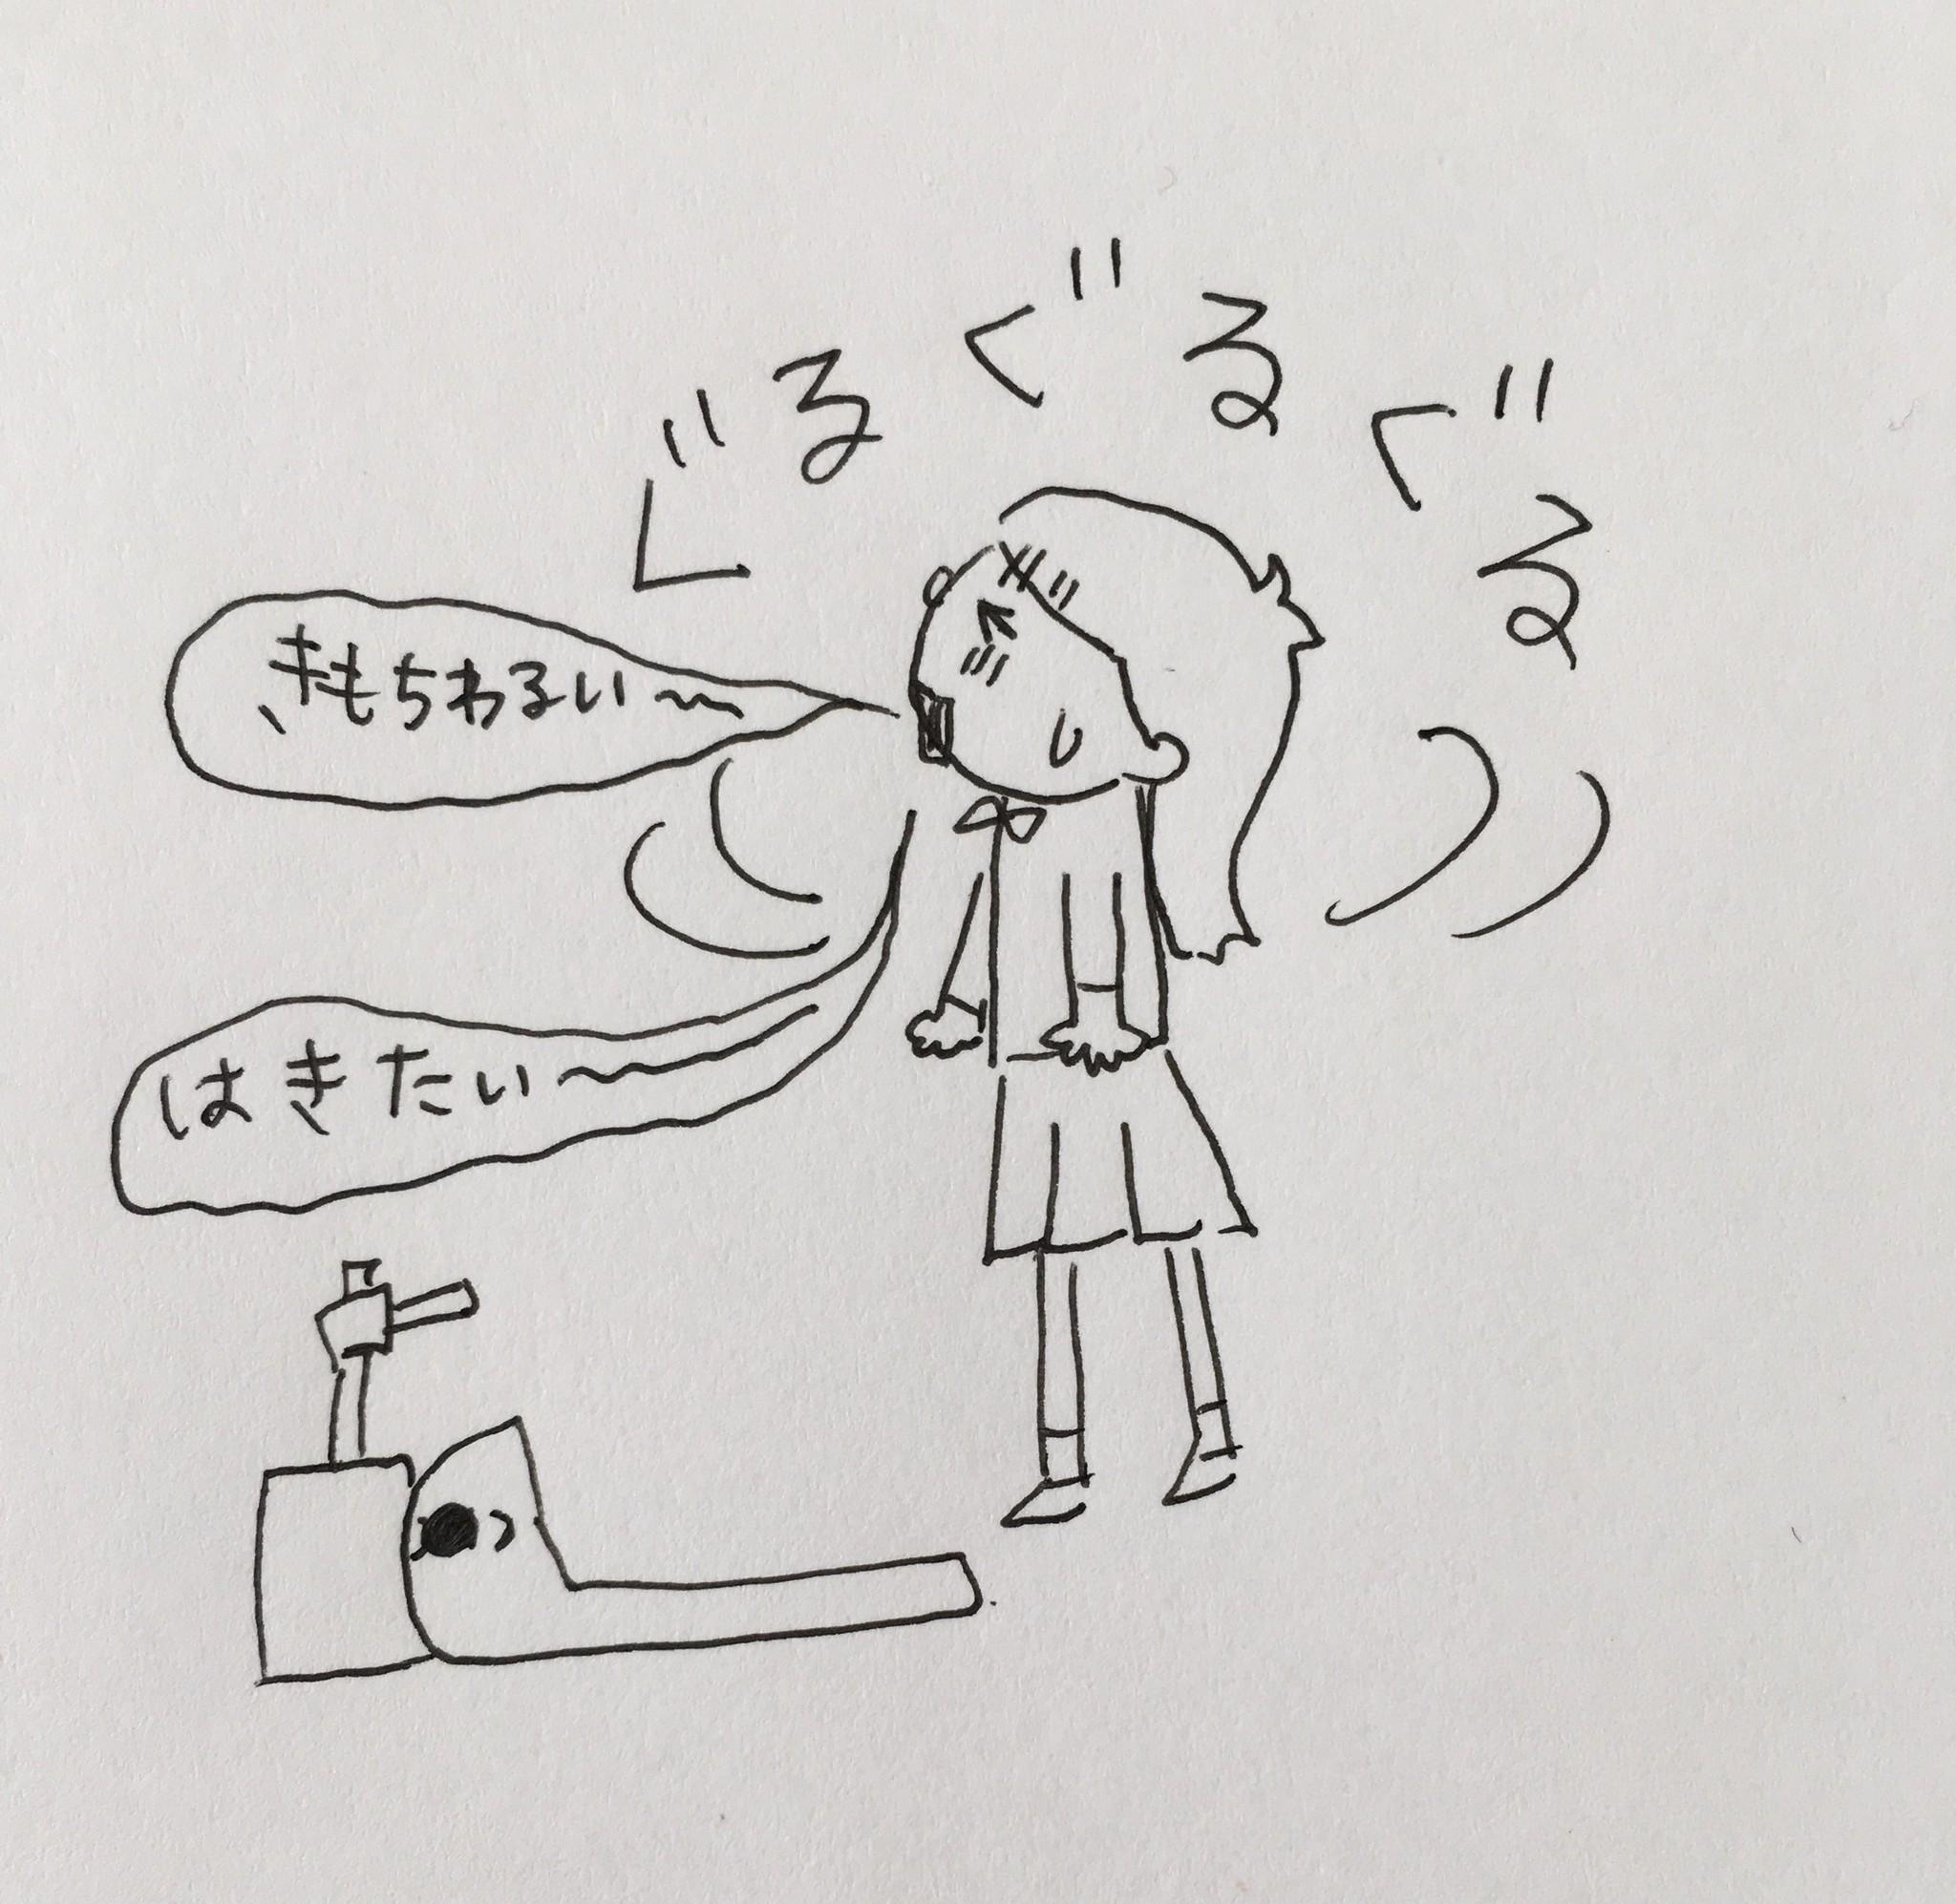 【おすすめ記事】生理痛で気持ち悪くて毎月憂うつな生理…